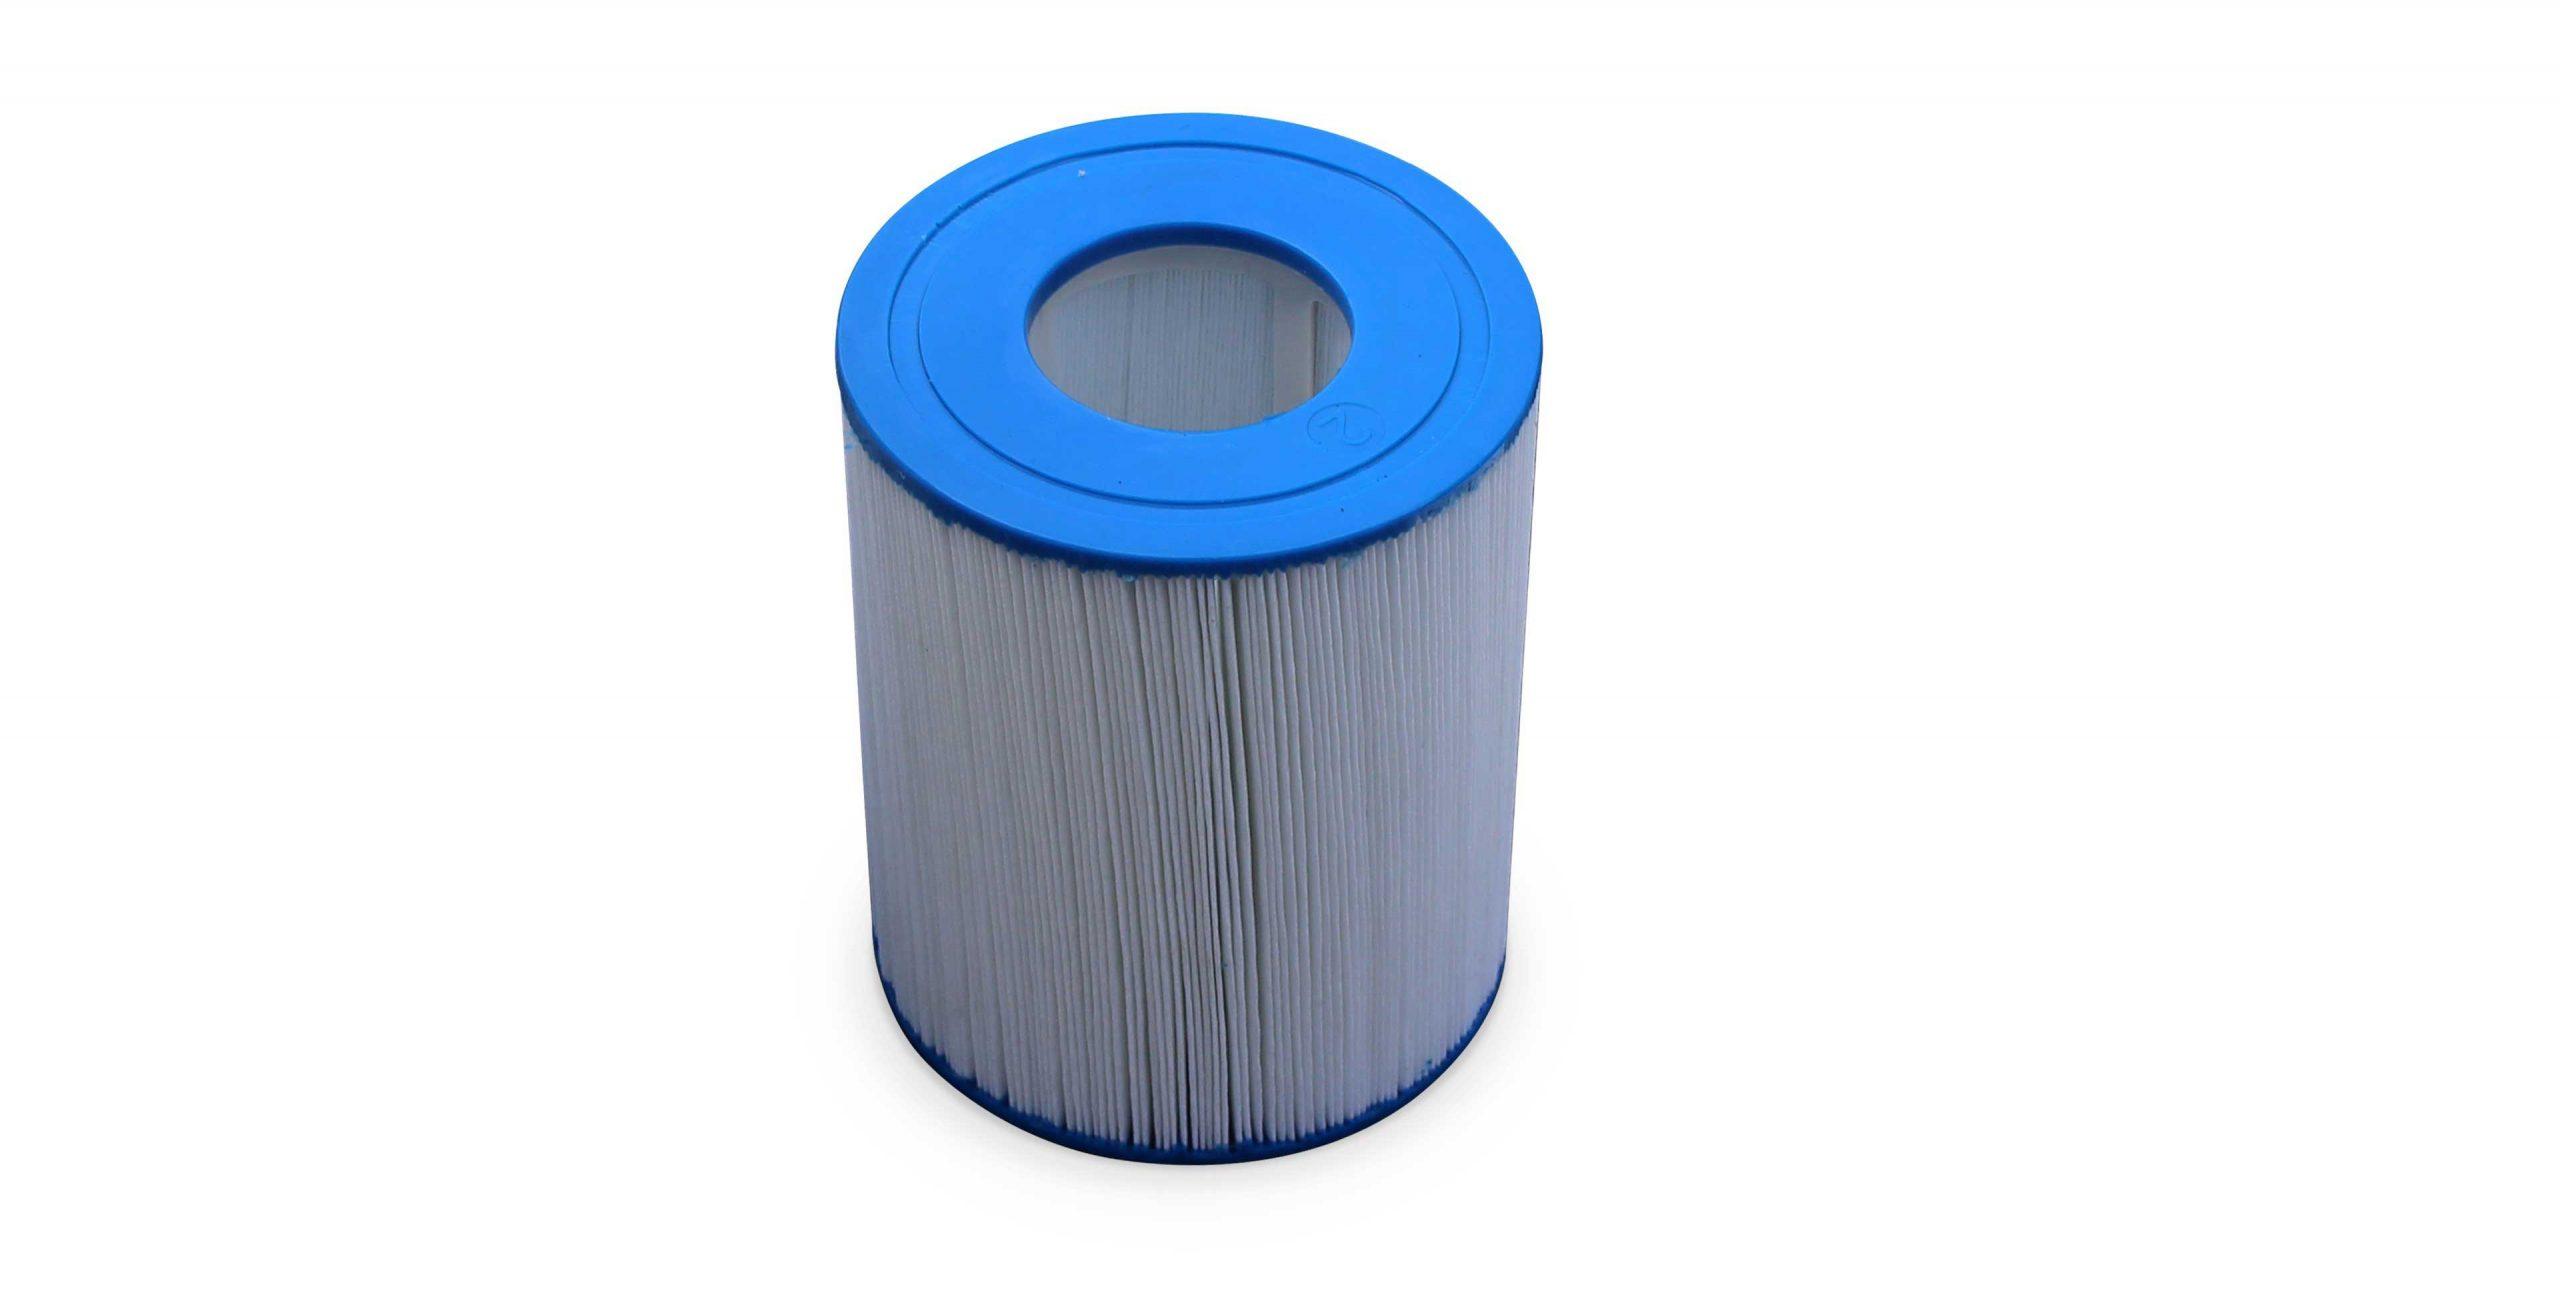 Filtre De Piscine : Utilité Et Types De Filtre - Piscine Du ... dedans Pompe Filtration Piscine Hors Sol Intex